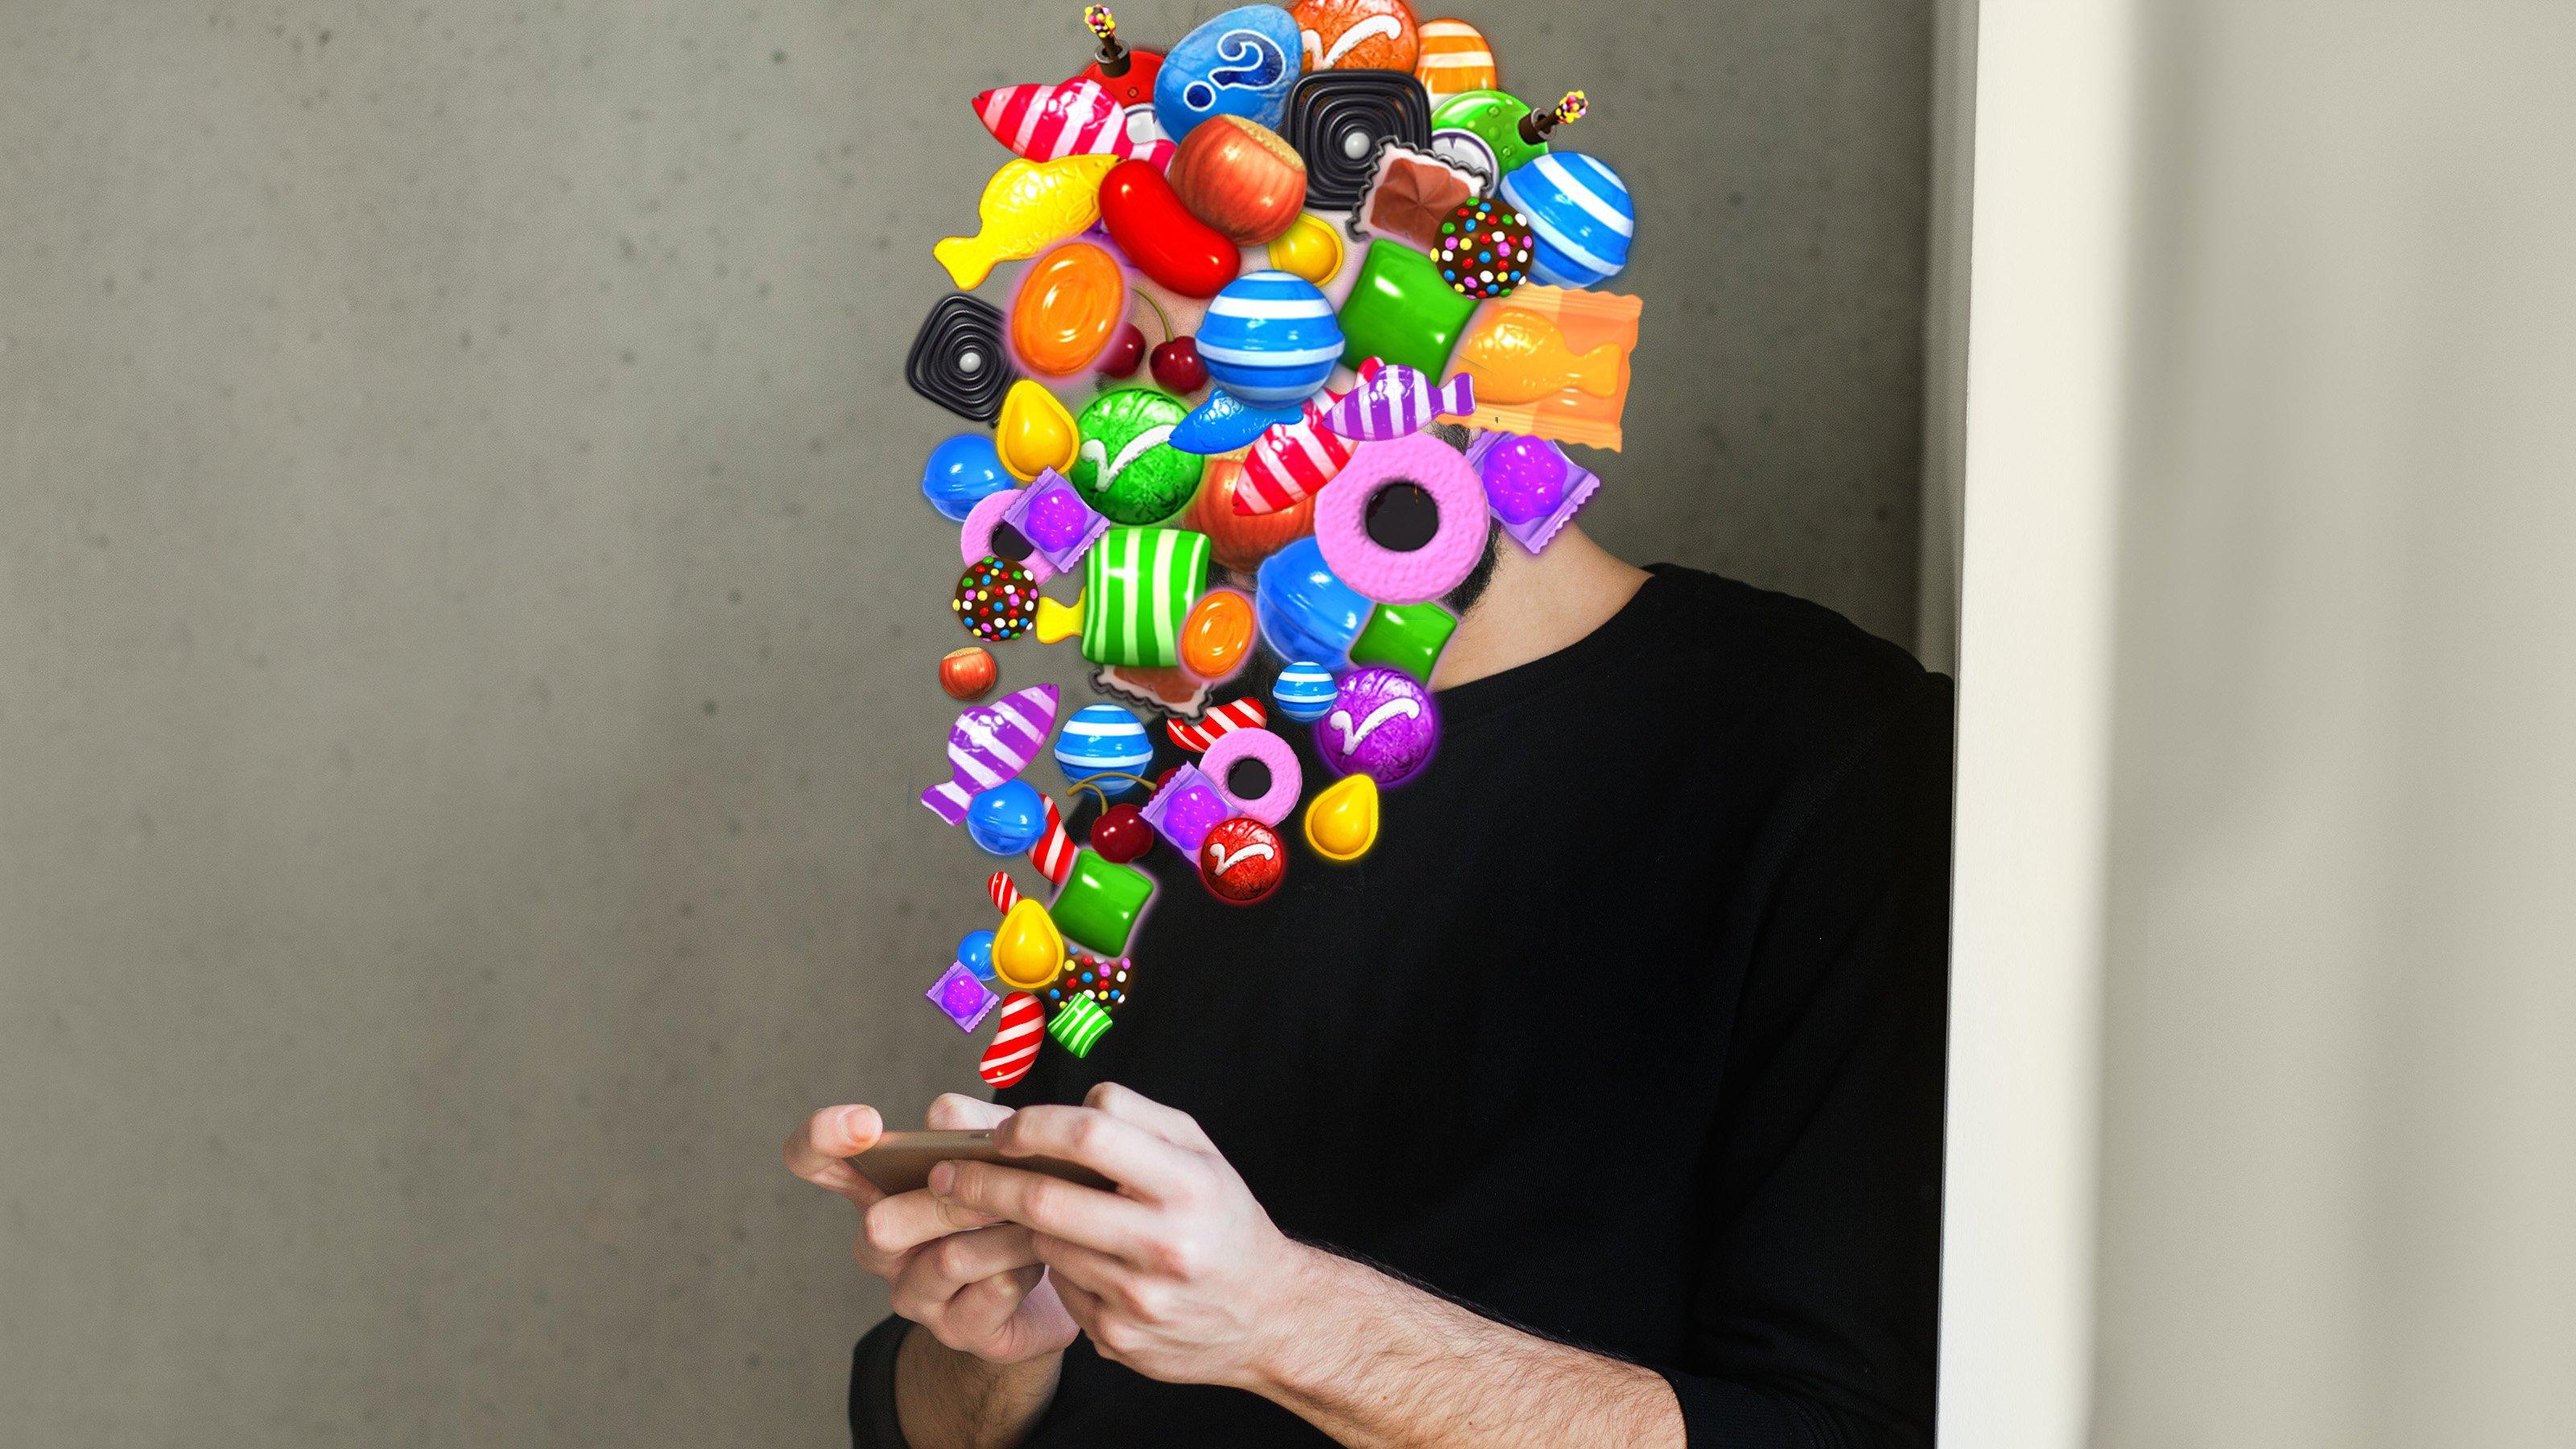 Mindestens 9 Millionen Menschen spielen stundenlang Candy Crush